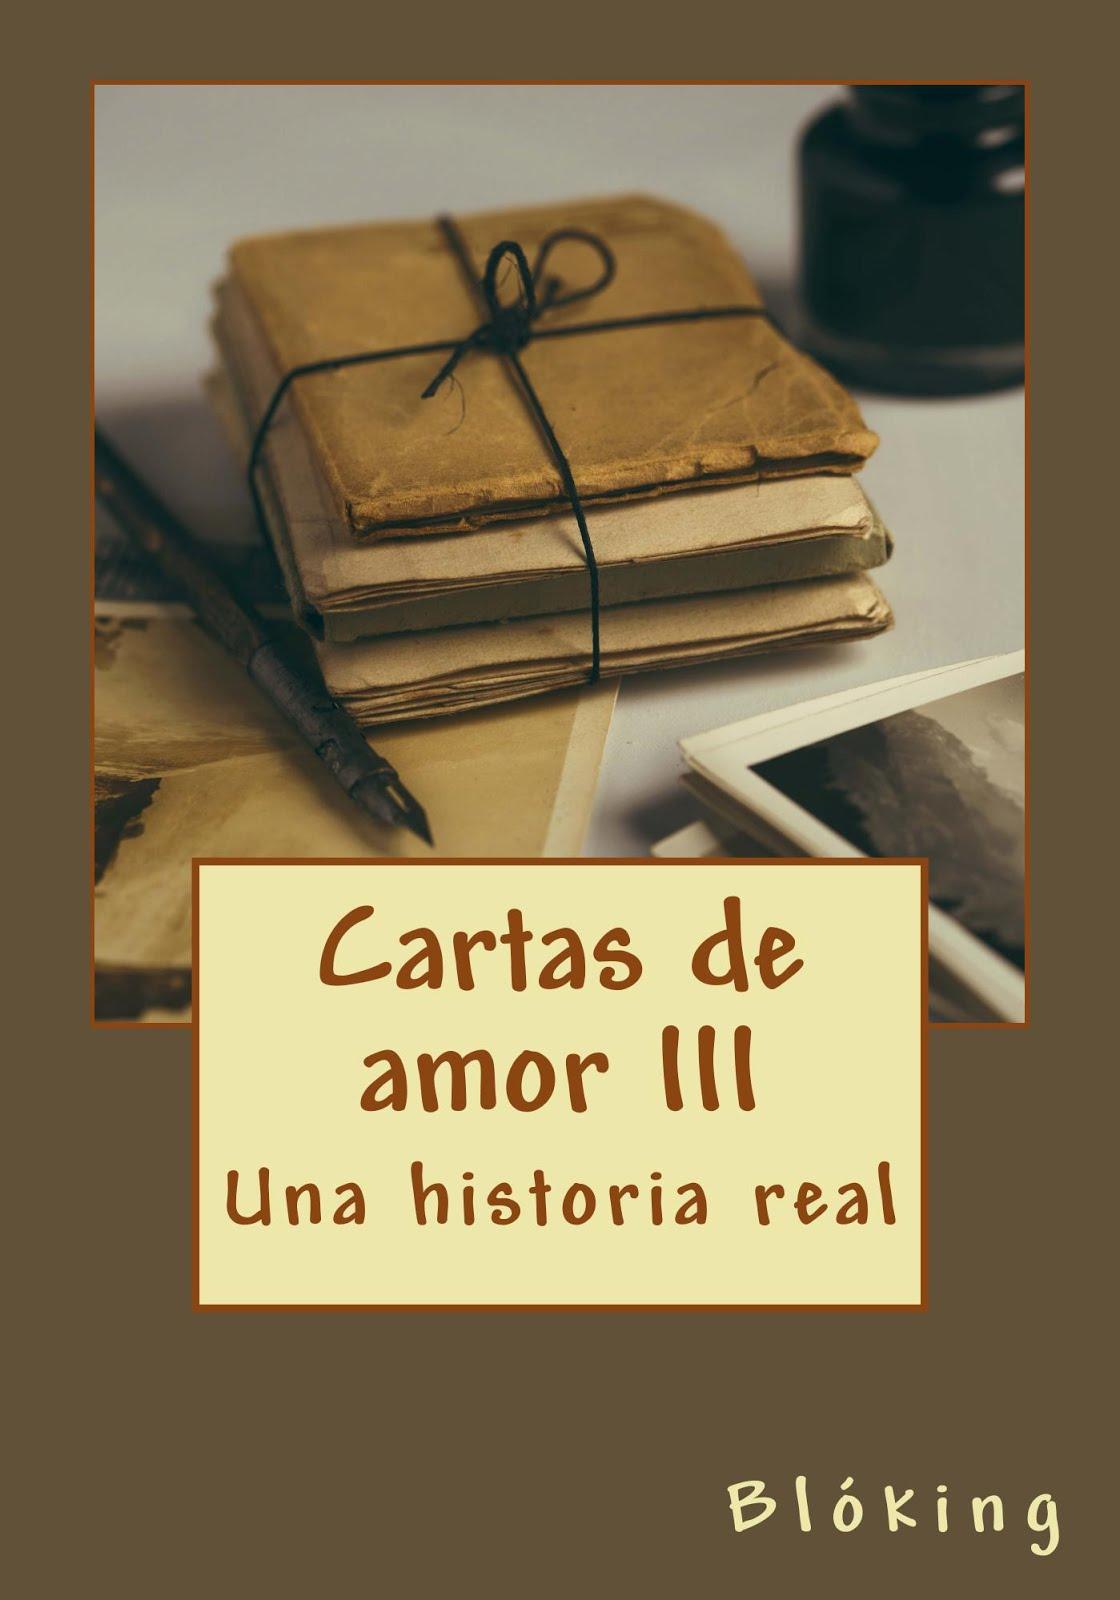 #Obra 46 - Cartas de amor III